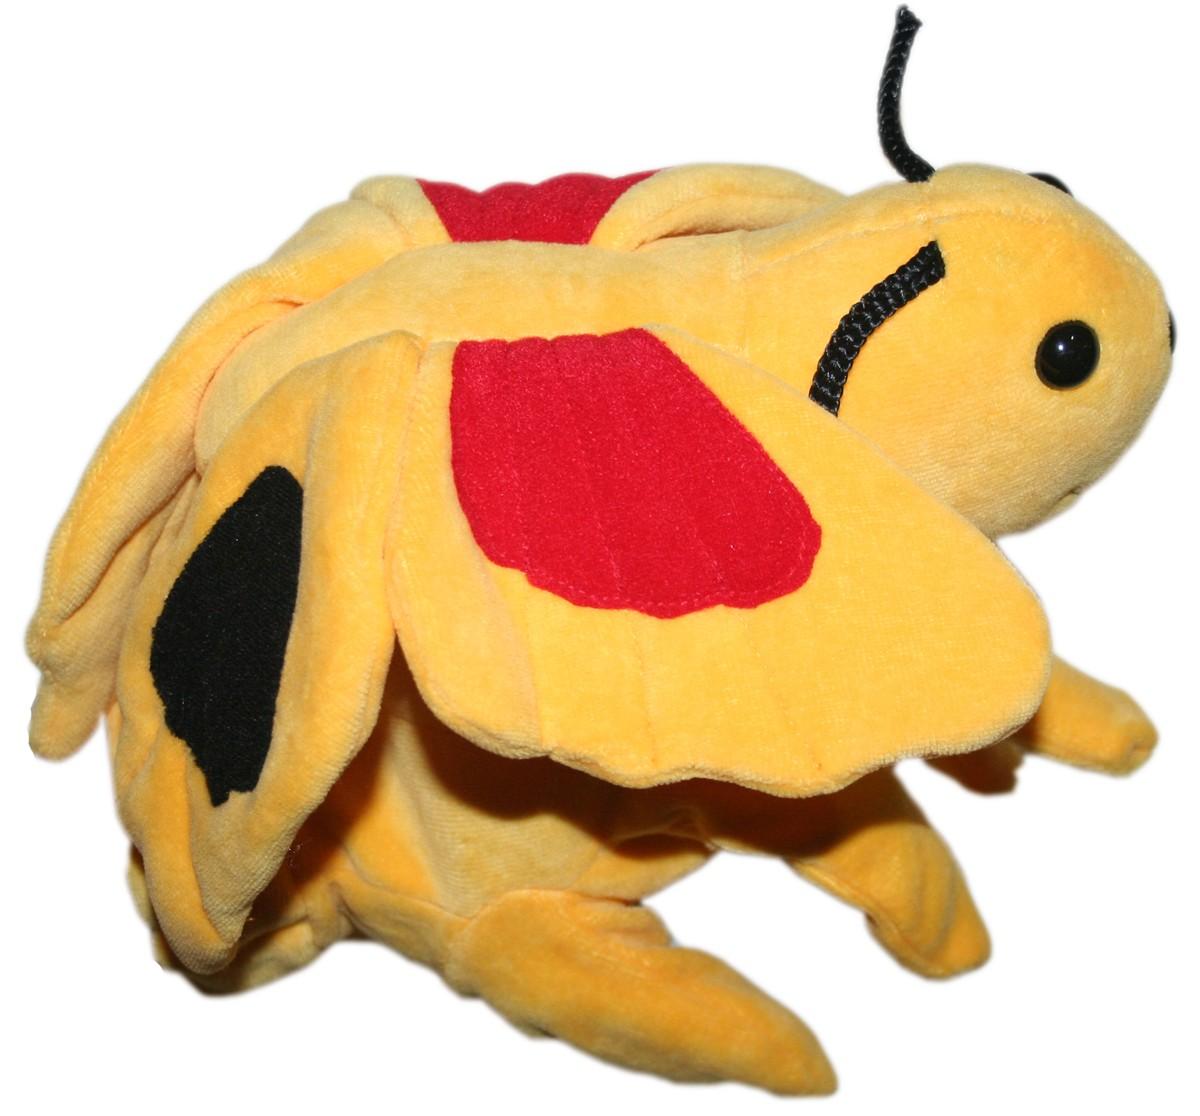 Luva Fantoche Borboleta - CAS brinquedos - Bichos de pano